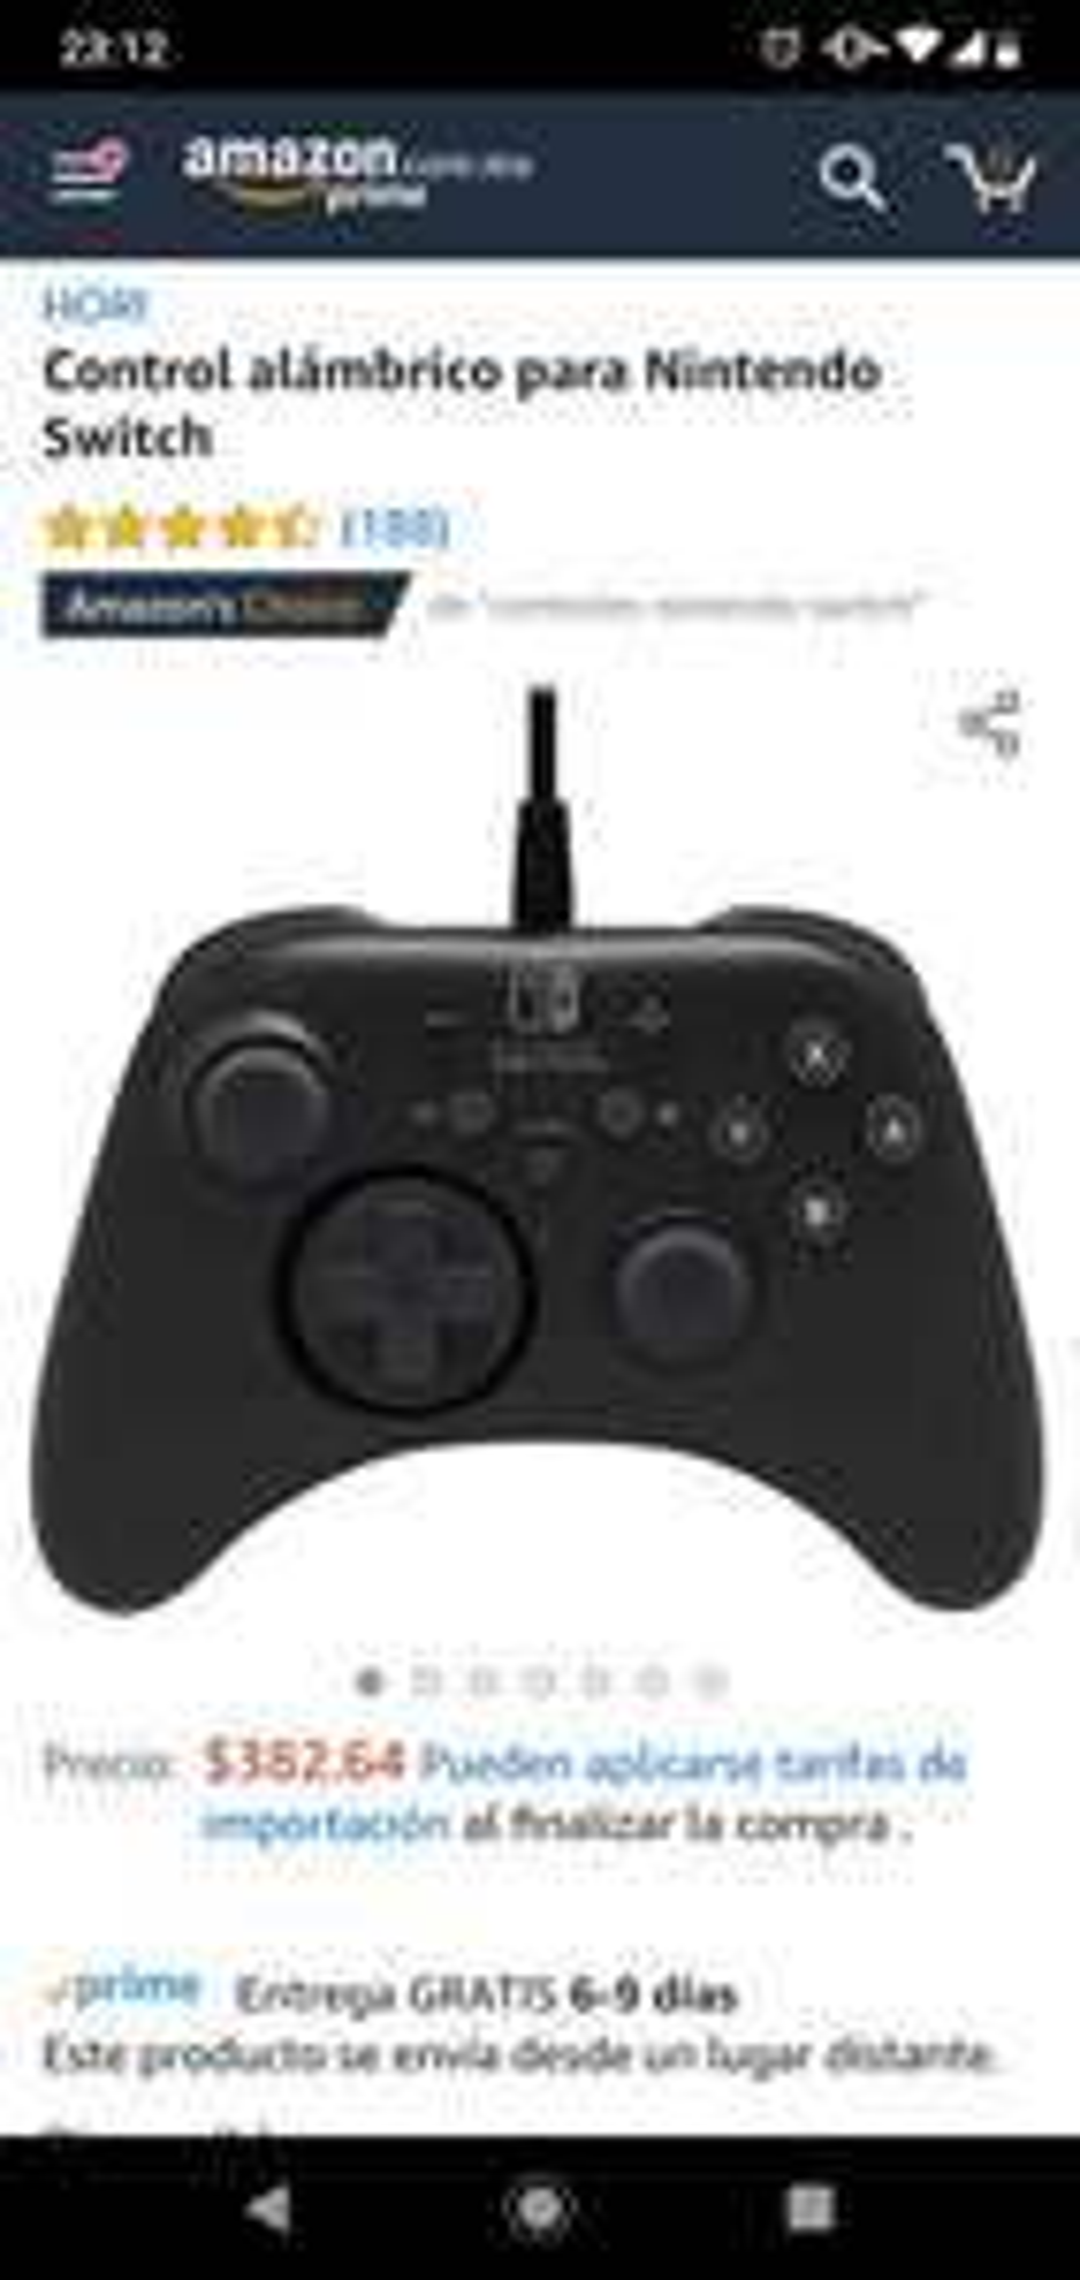 Amazon: Control alambrico Hori para Nintendo Switch